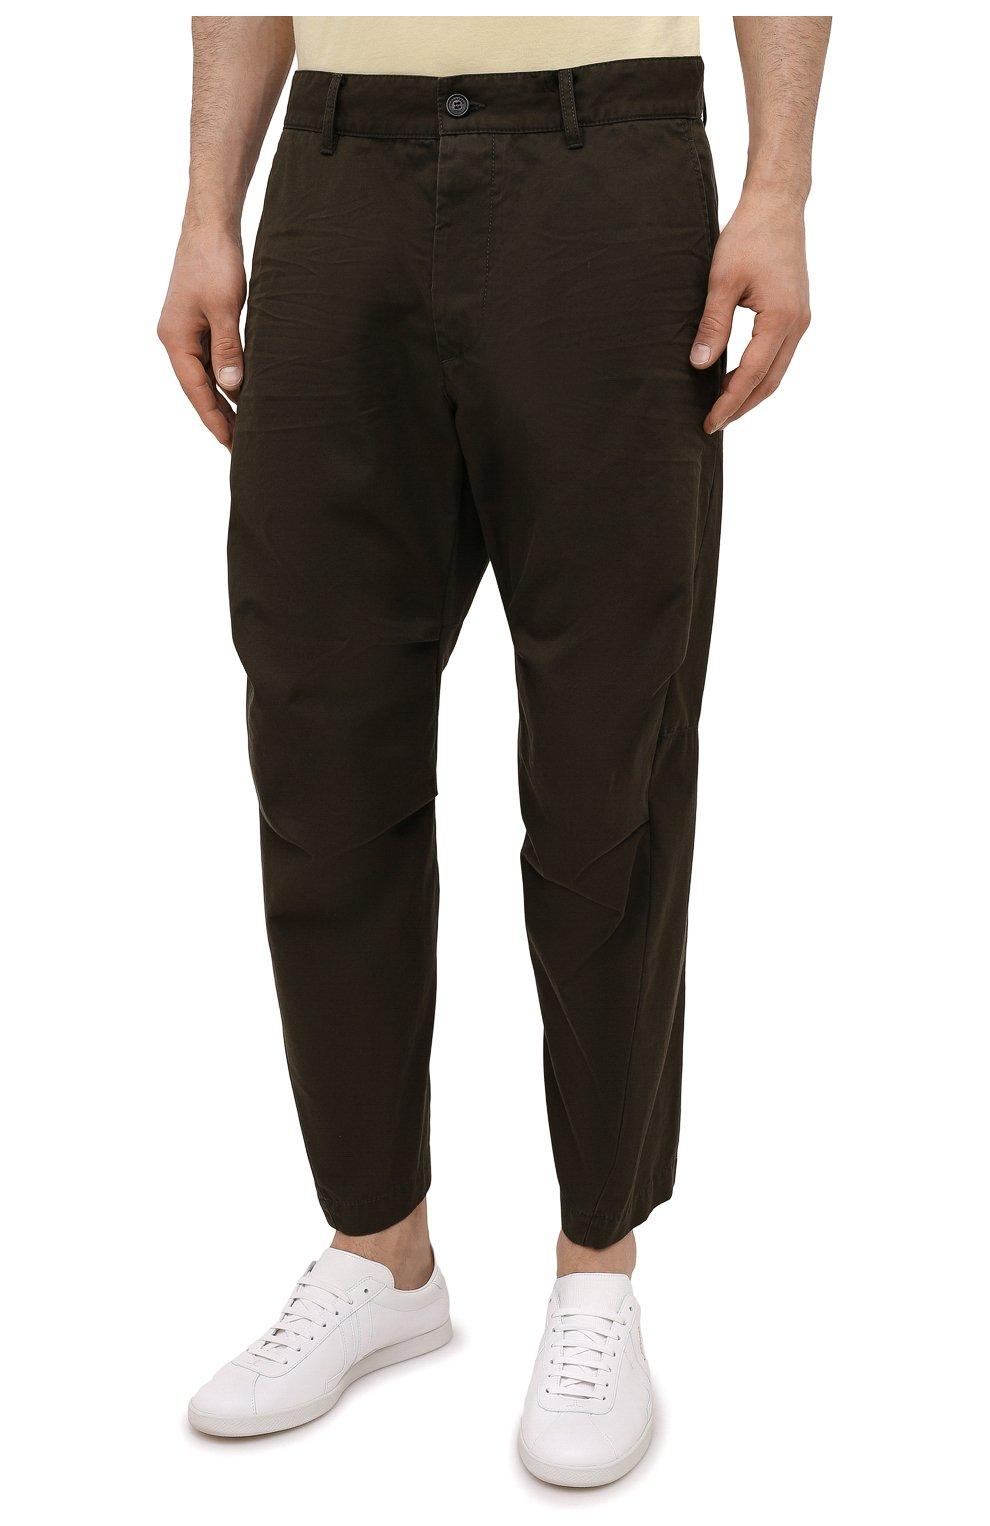 Мужские хлопковые брюки DSQUARED2 хаки цвета, арт. S74KB0591/S41794   Фото 3 (Длина (брюки, джинсы): Стандартные; Случай: Повседневный; Стили: Гранж; Материал внешний: Хлопок)